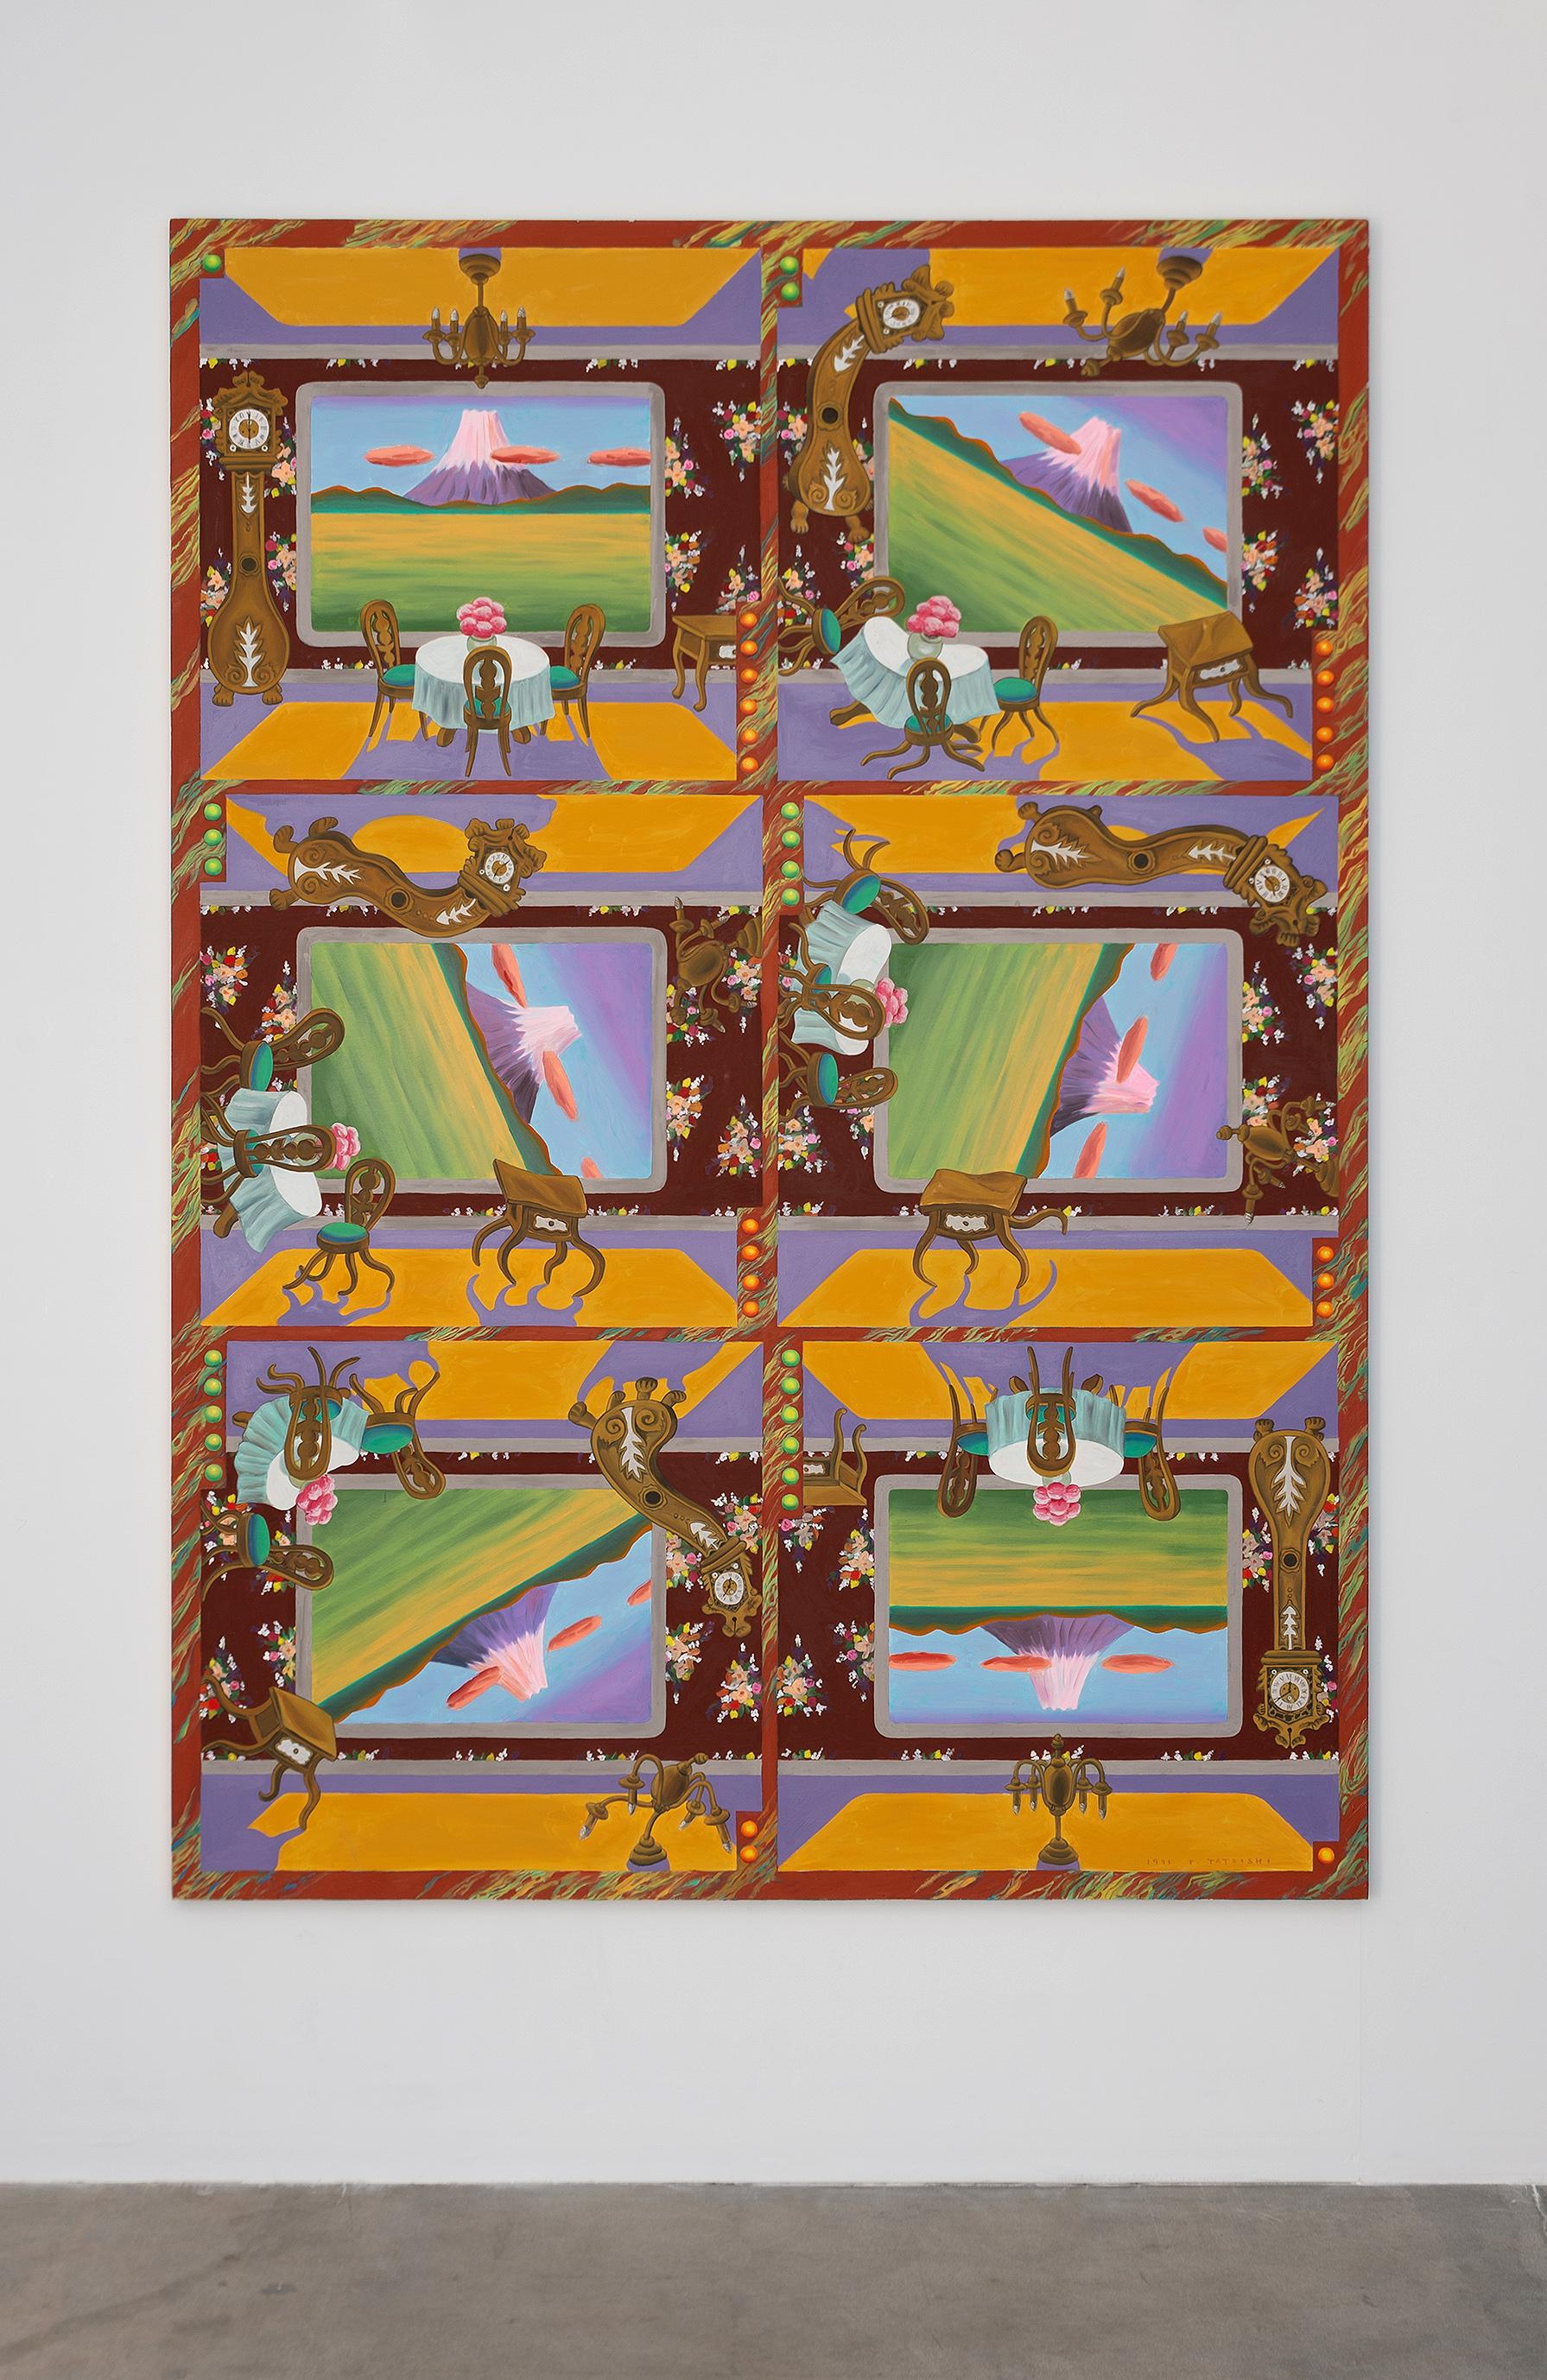 Revolving Fuji (回転富士), 1991